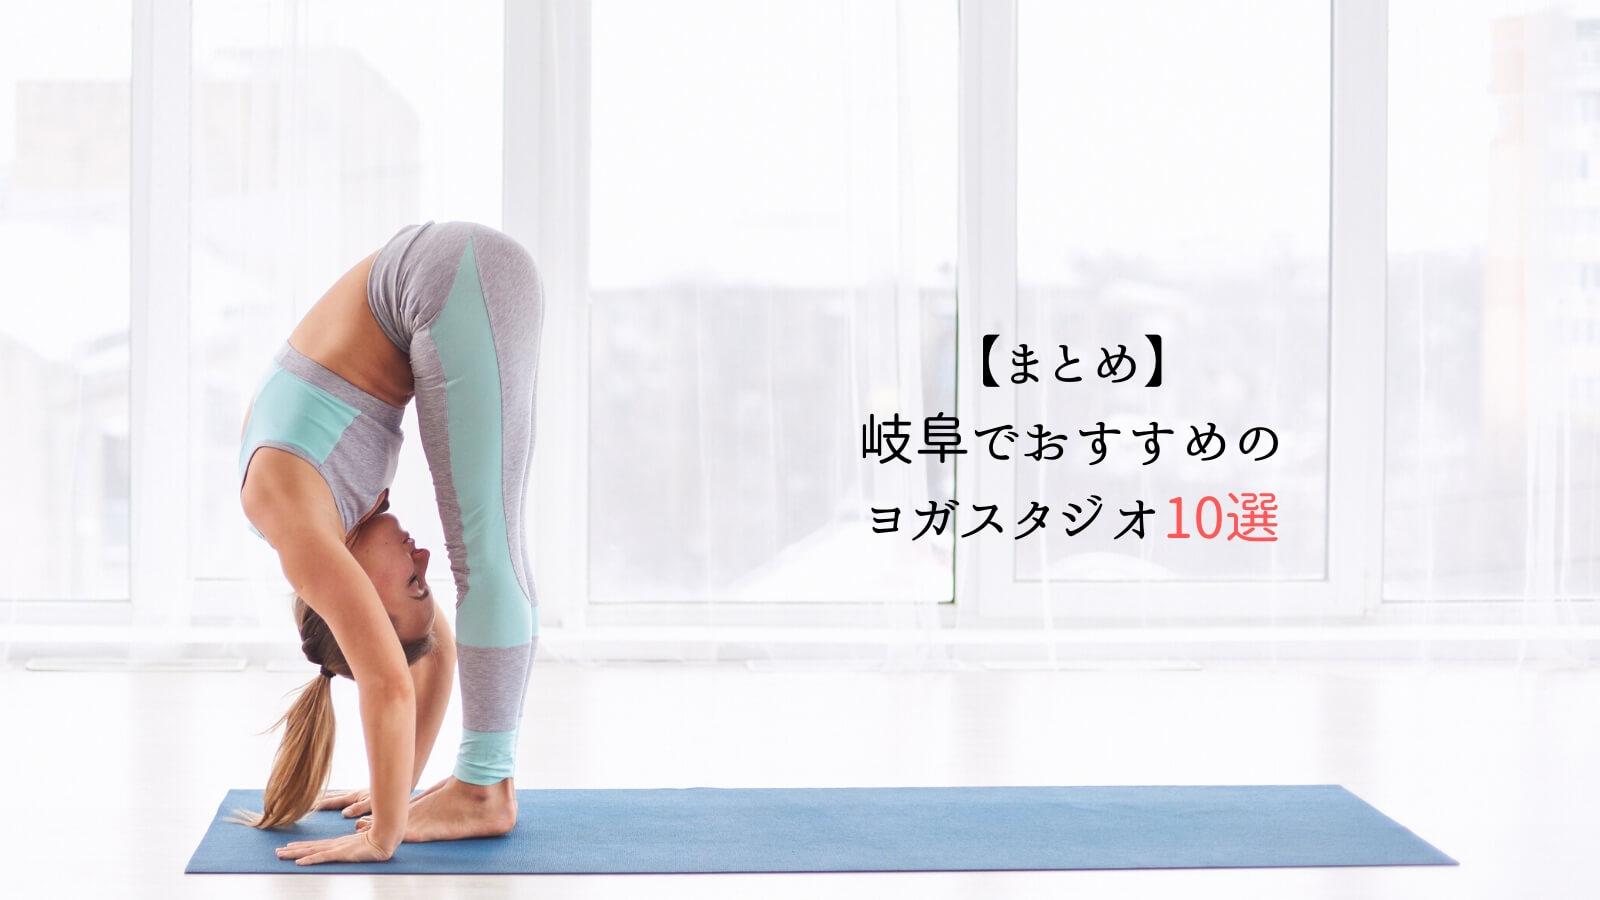 【まとめ】岐阜でおすすめのヨガスタジオ10選